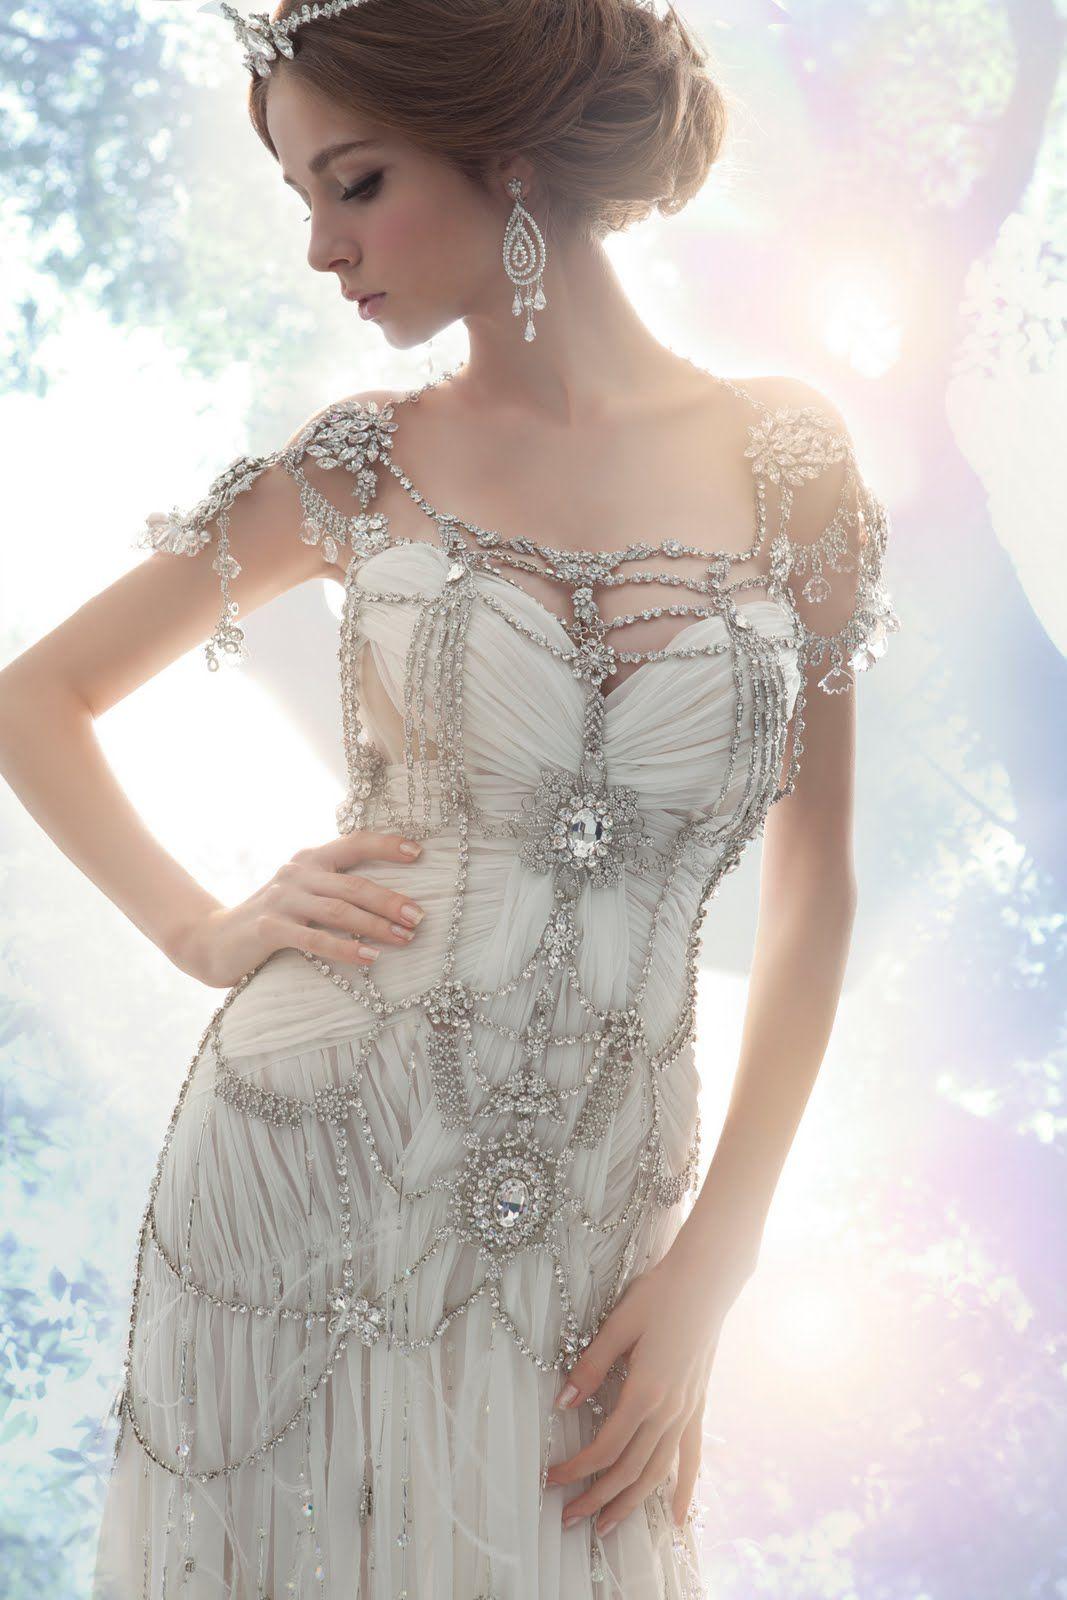 Sophie Design Swarovski Crystal Concept Dress Generation